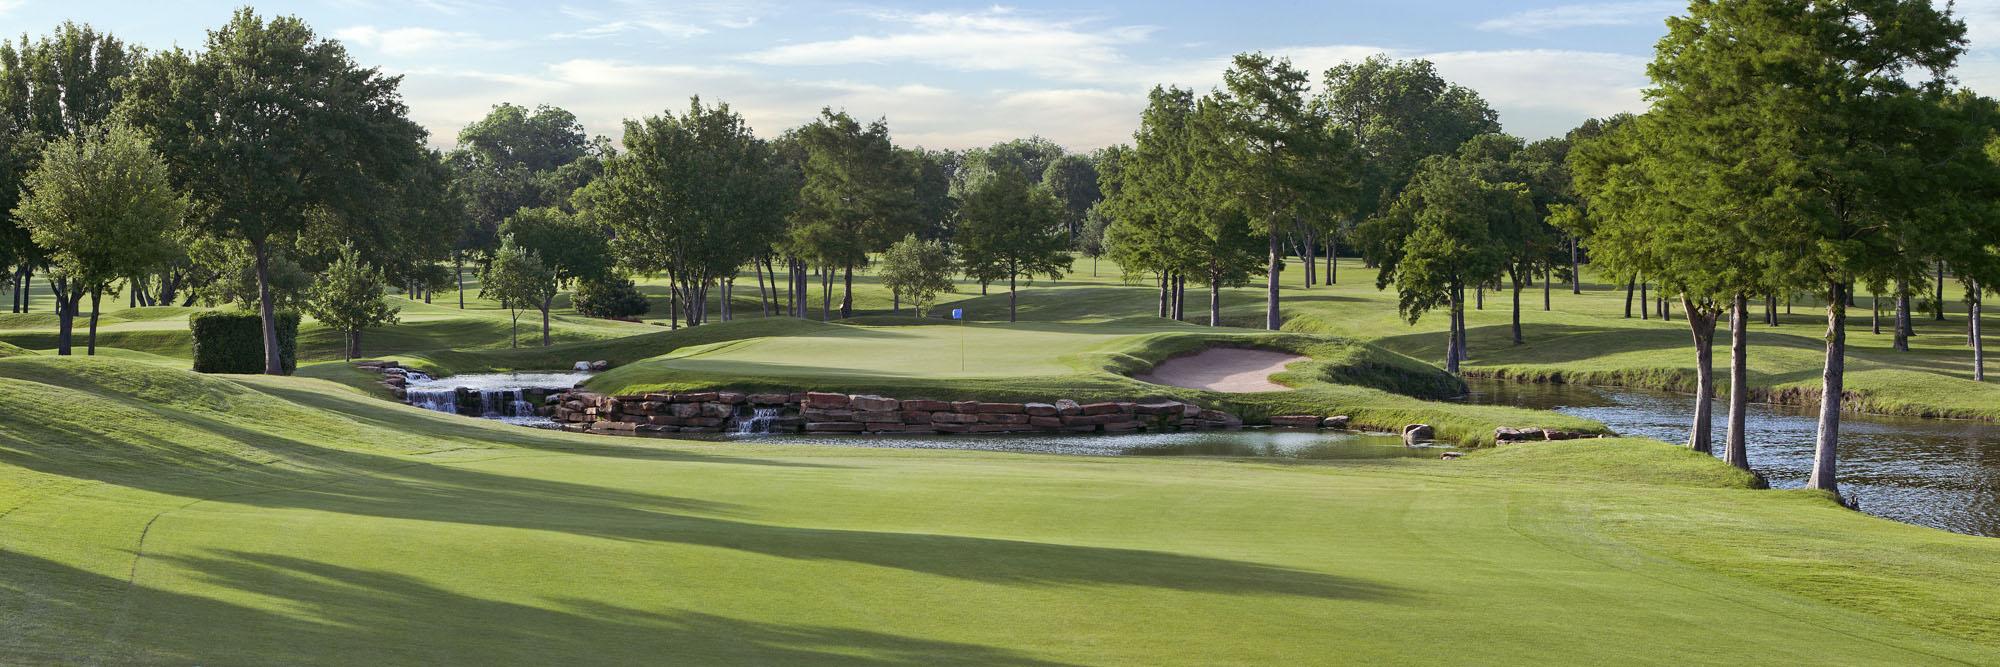 Golf Course Image - Dallas Athletic Club Blue No. 5